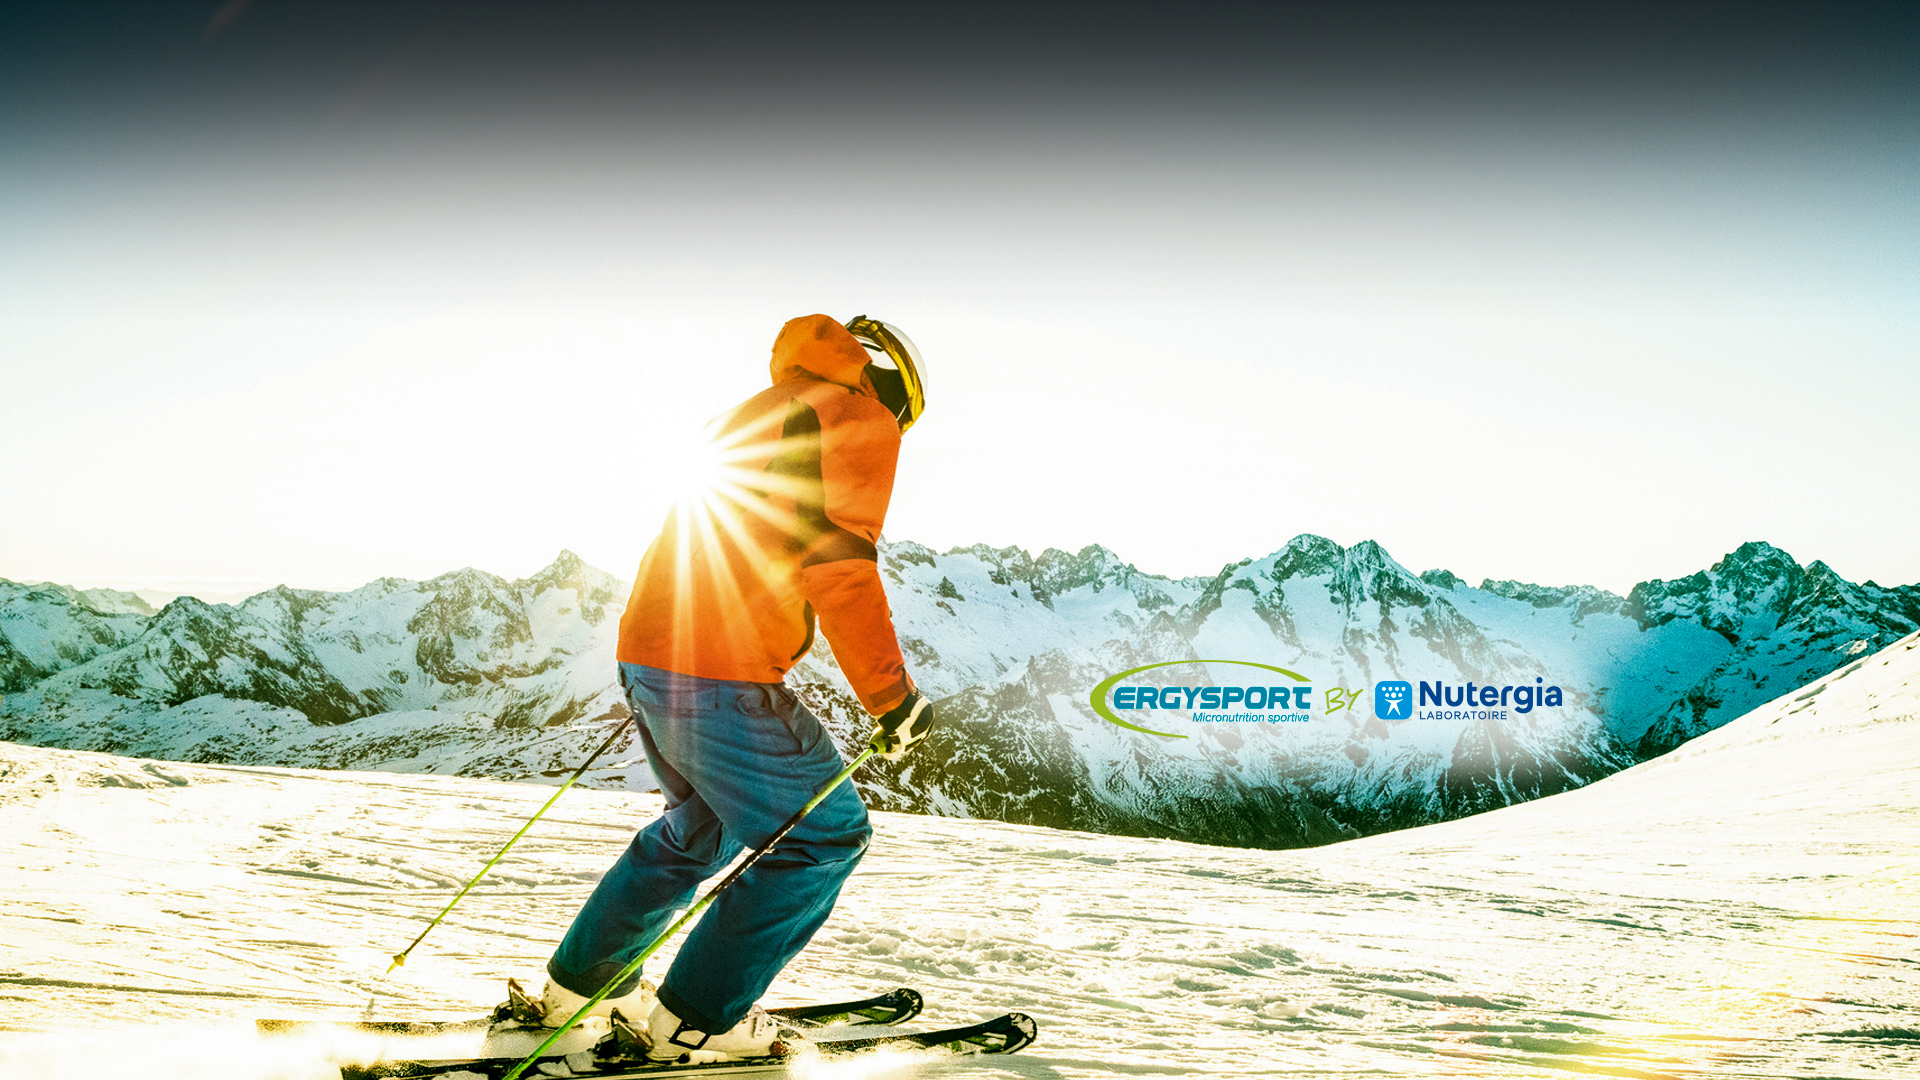 sport hiver ergysport